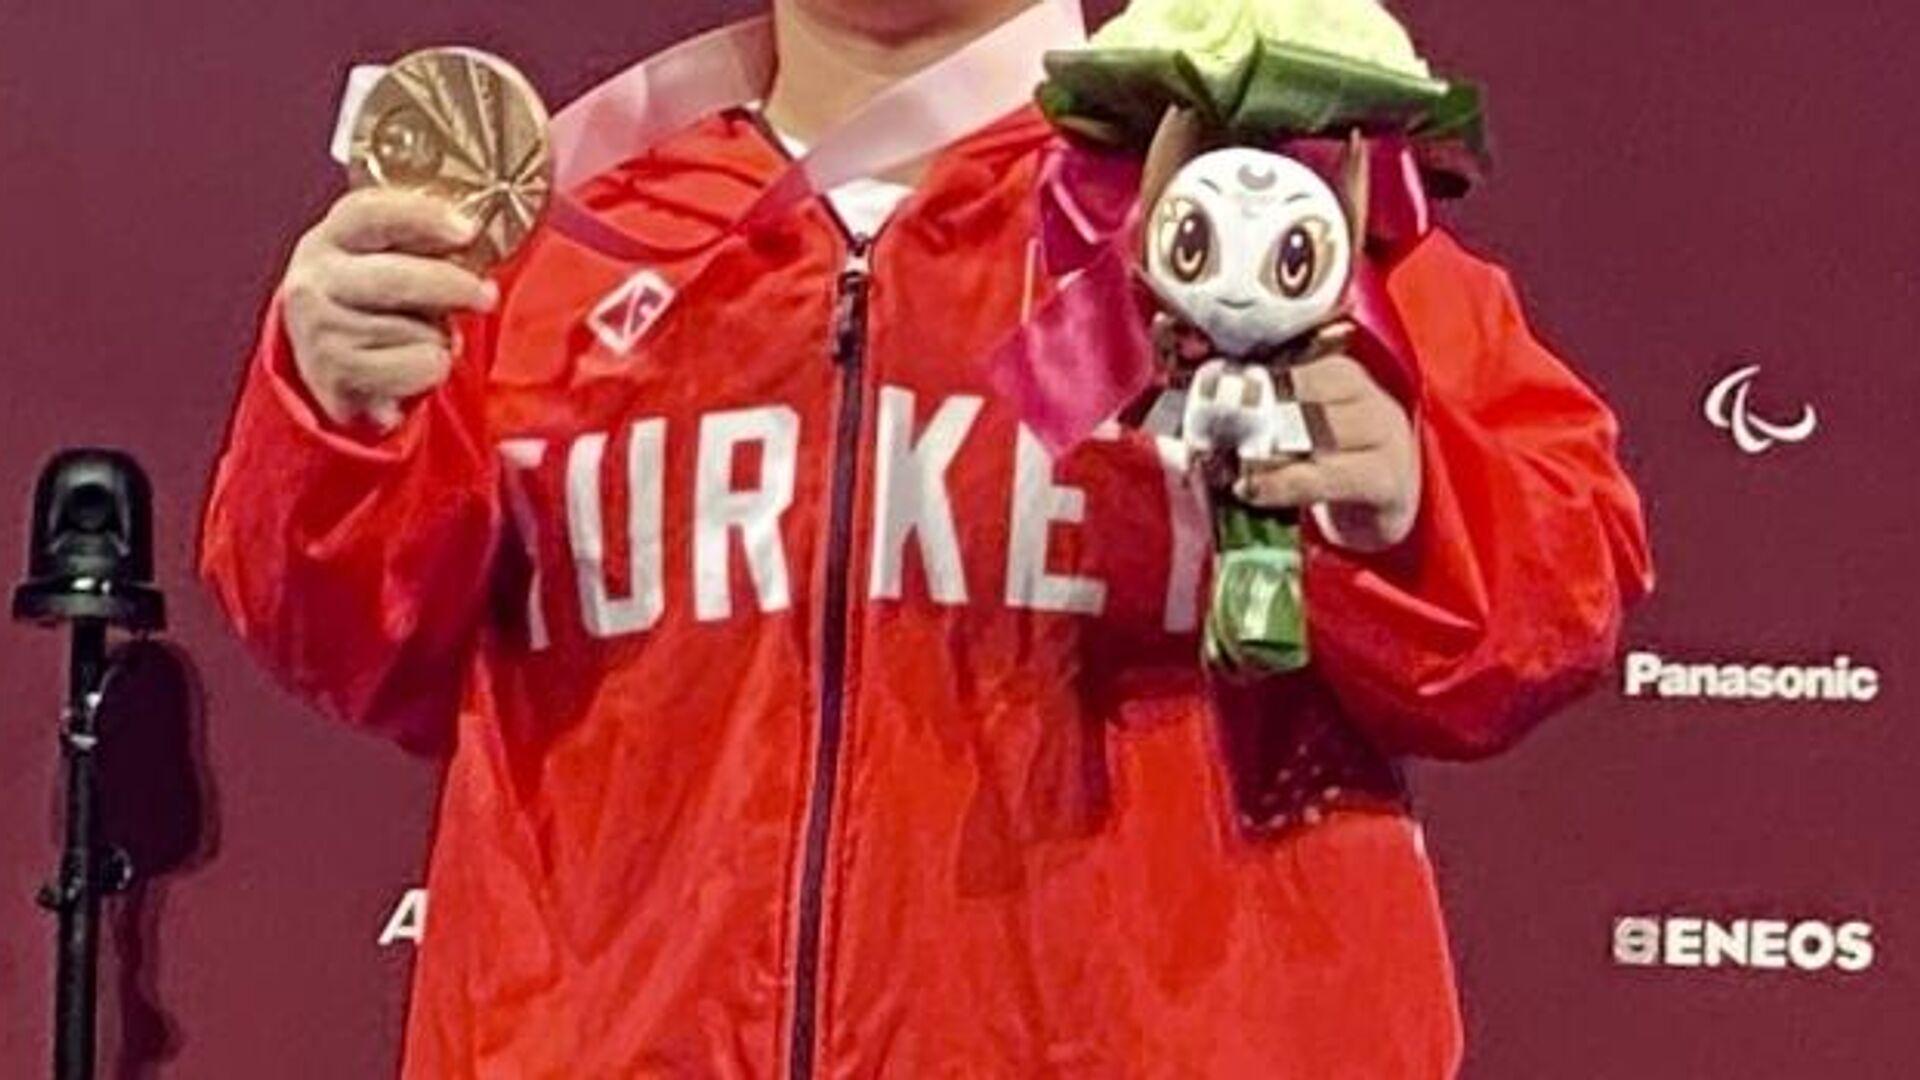 Türkiye'nin paralimpik oyunlarında madalya sayısı 30'a yükseldi - Sputnik Türkiye, 1920, 29.08.2021